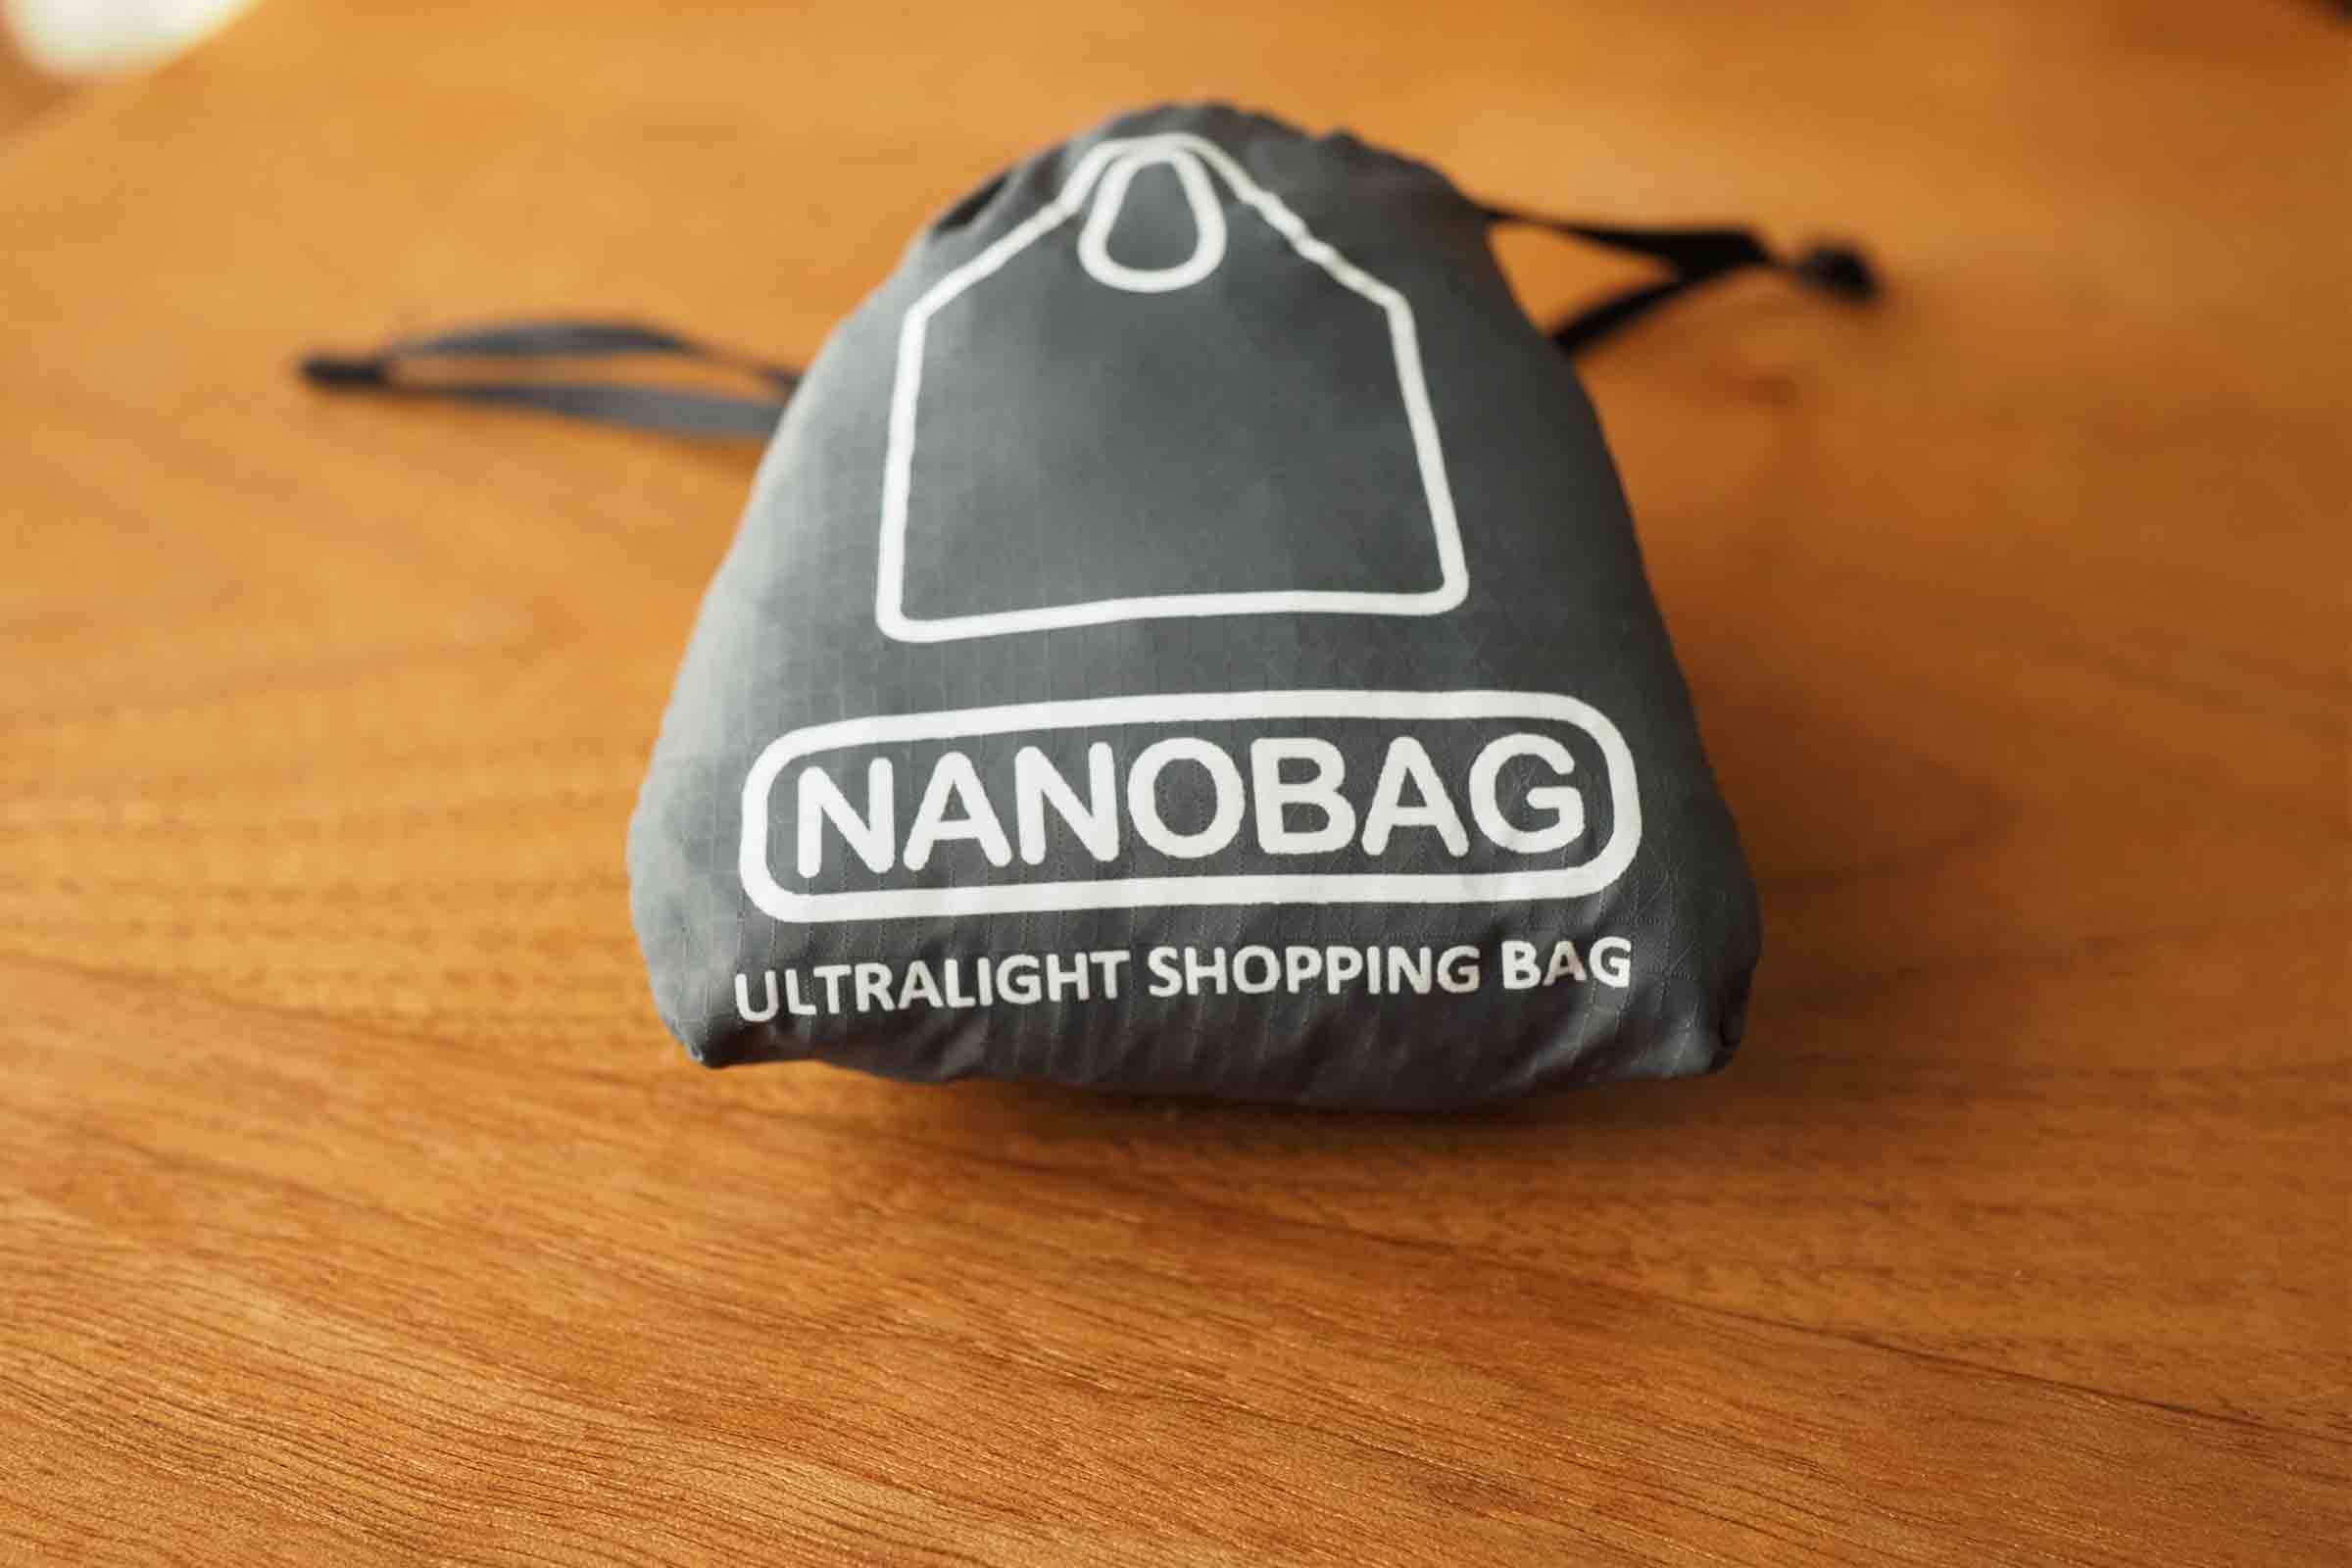 エコバッグ,nano bag,小さい,コンパクト,軽い,お洒落,